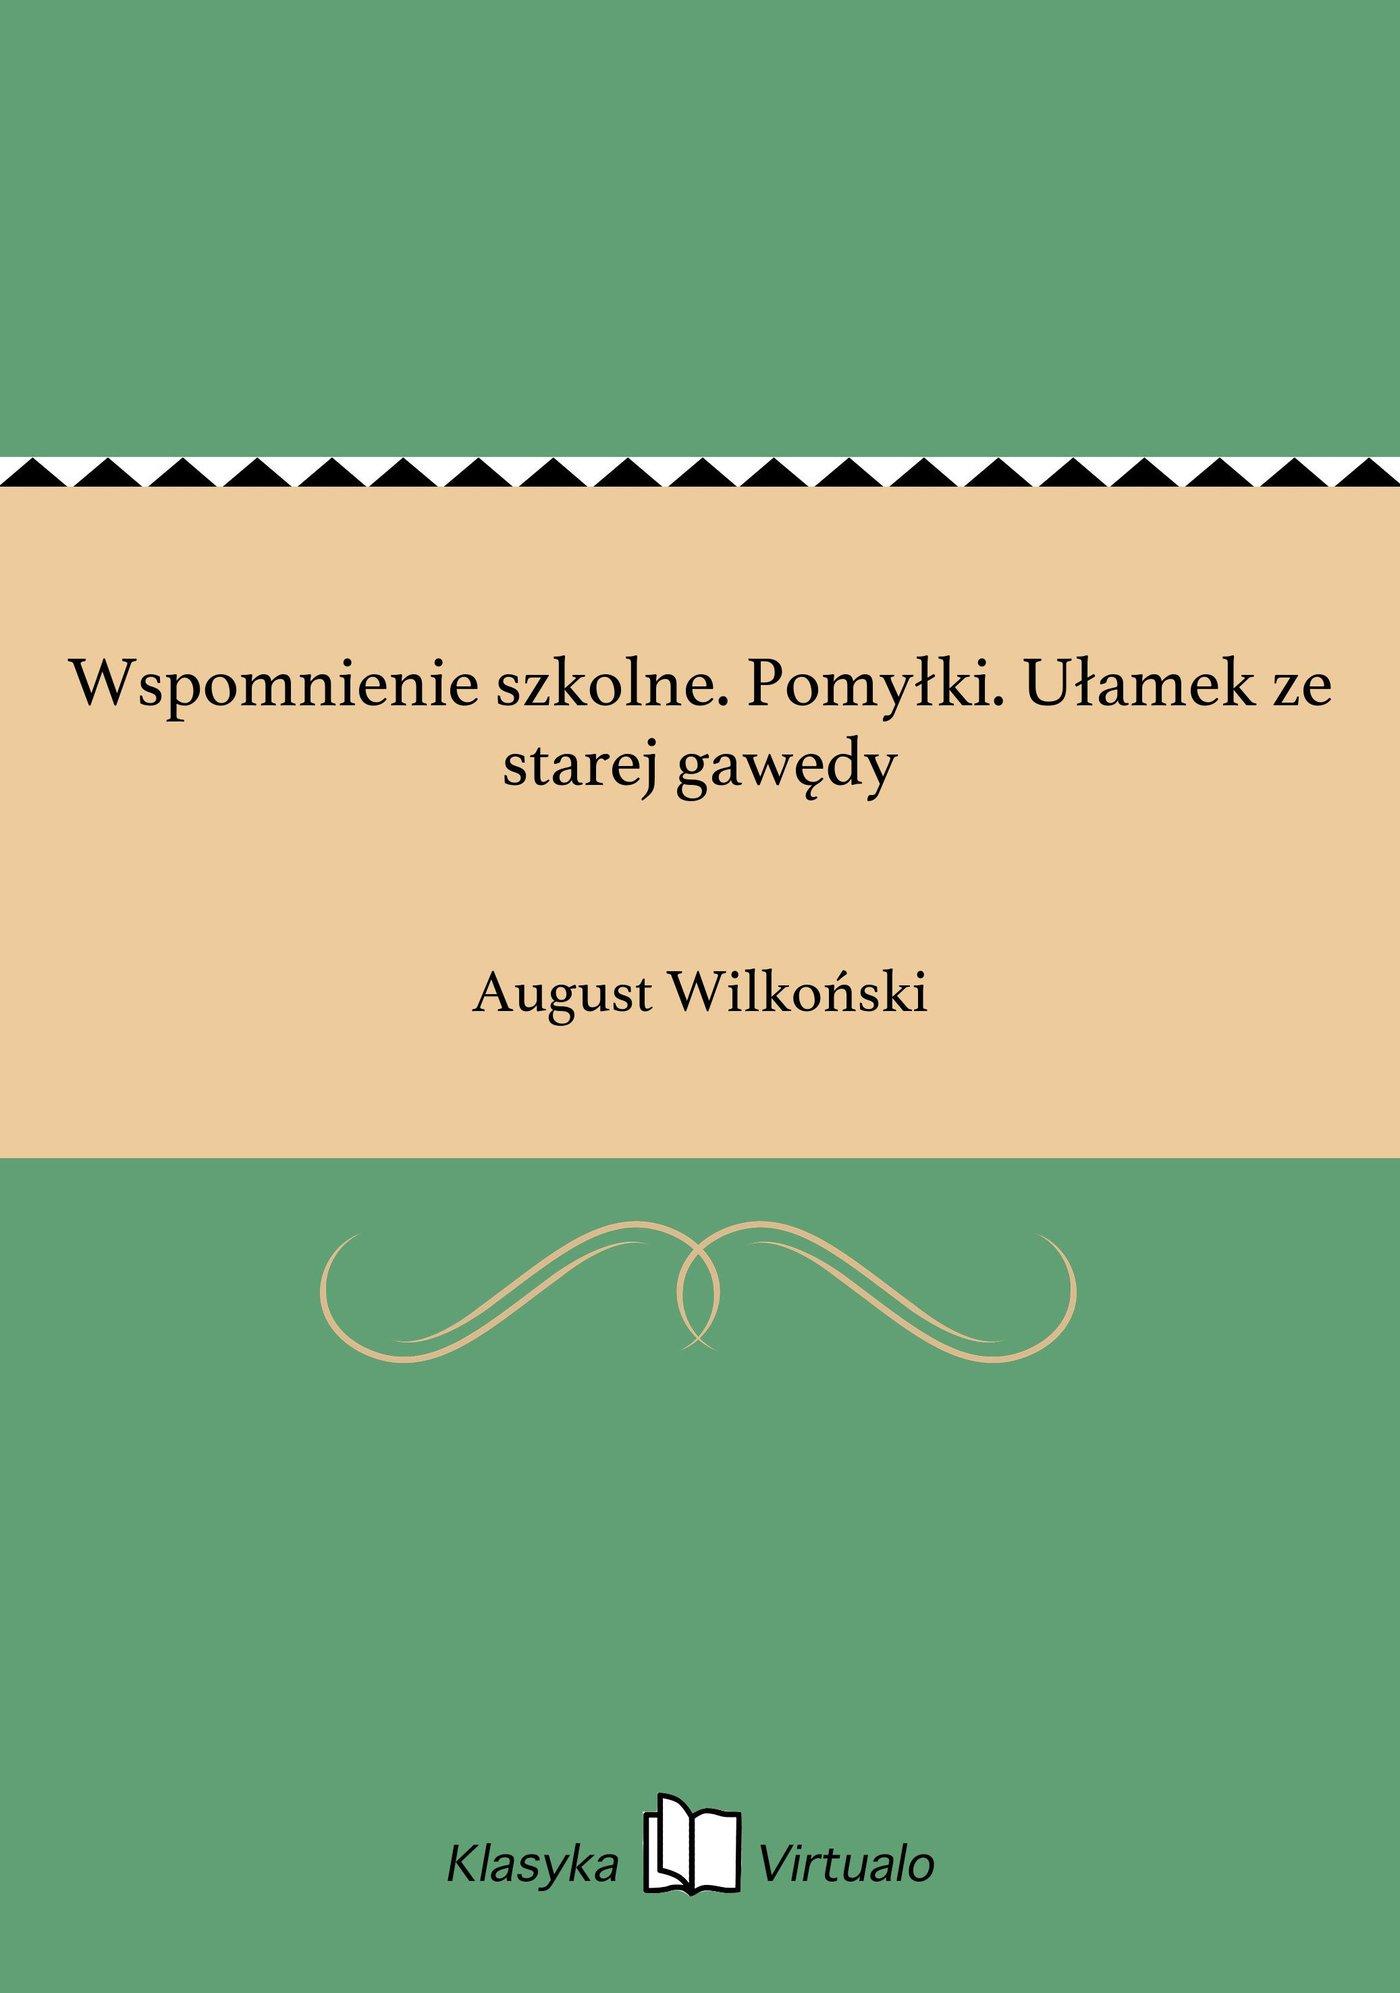 Wspomnienie szkolne. Pomyłki. Ułamek ze starej gawędy - Ebook (Książka na Kindle) do pobrania w formacie MOBI